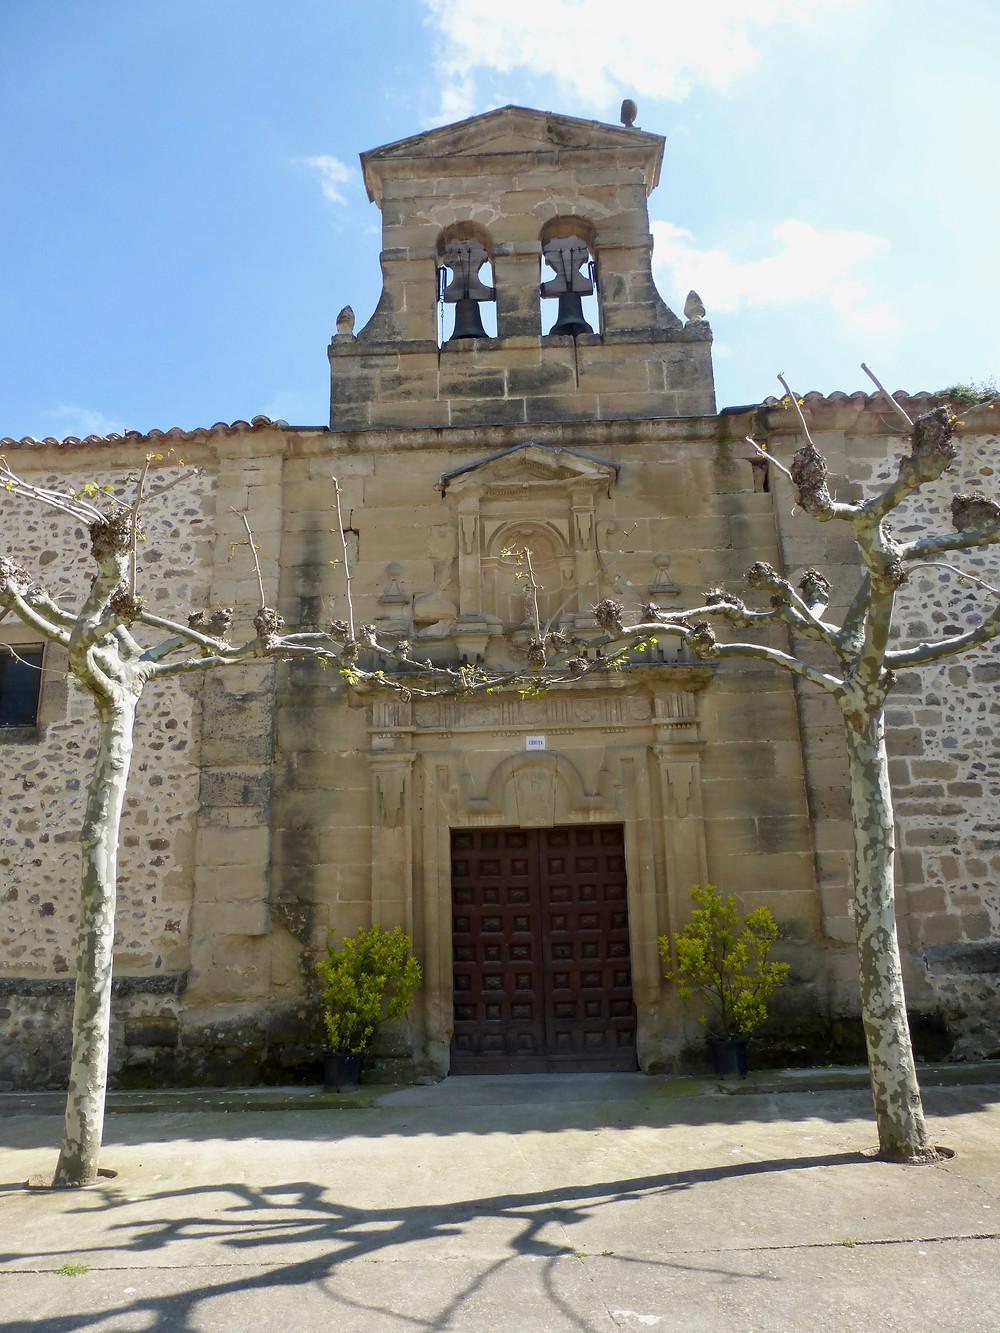 Facade of old church on Camino de Santiago